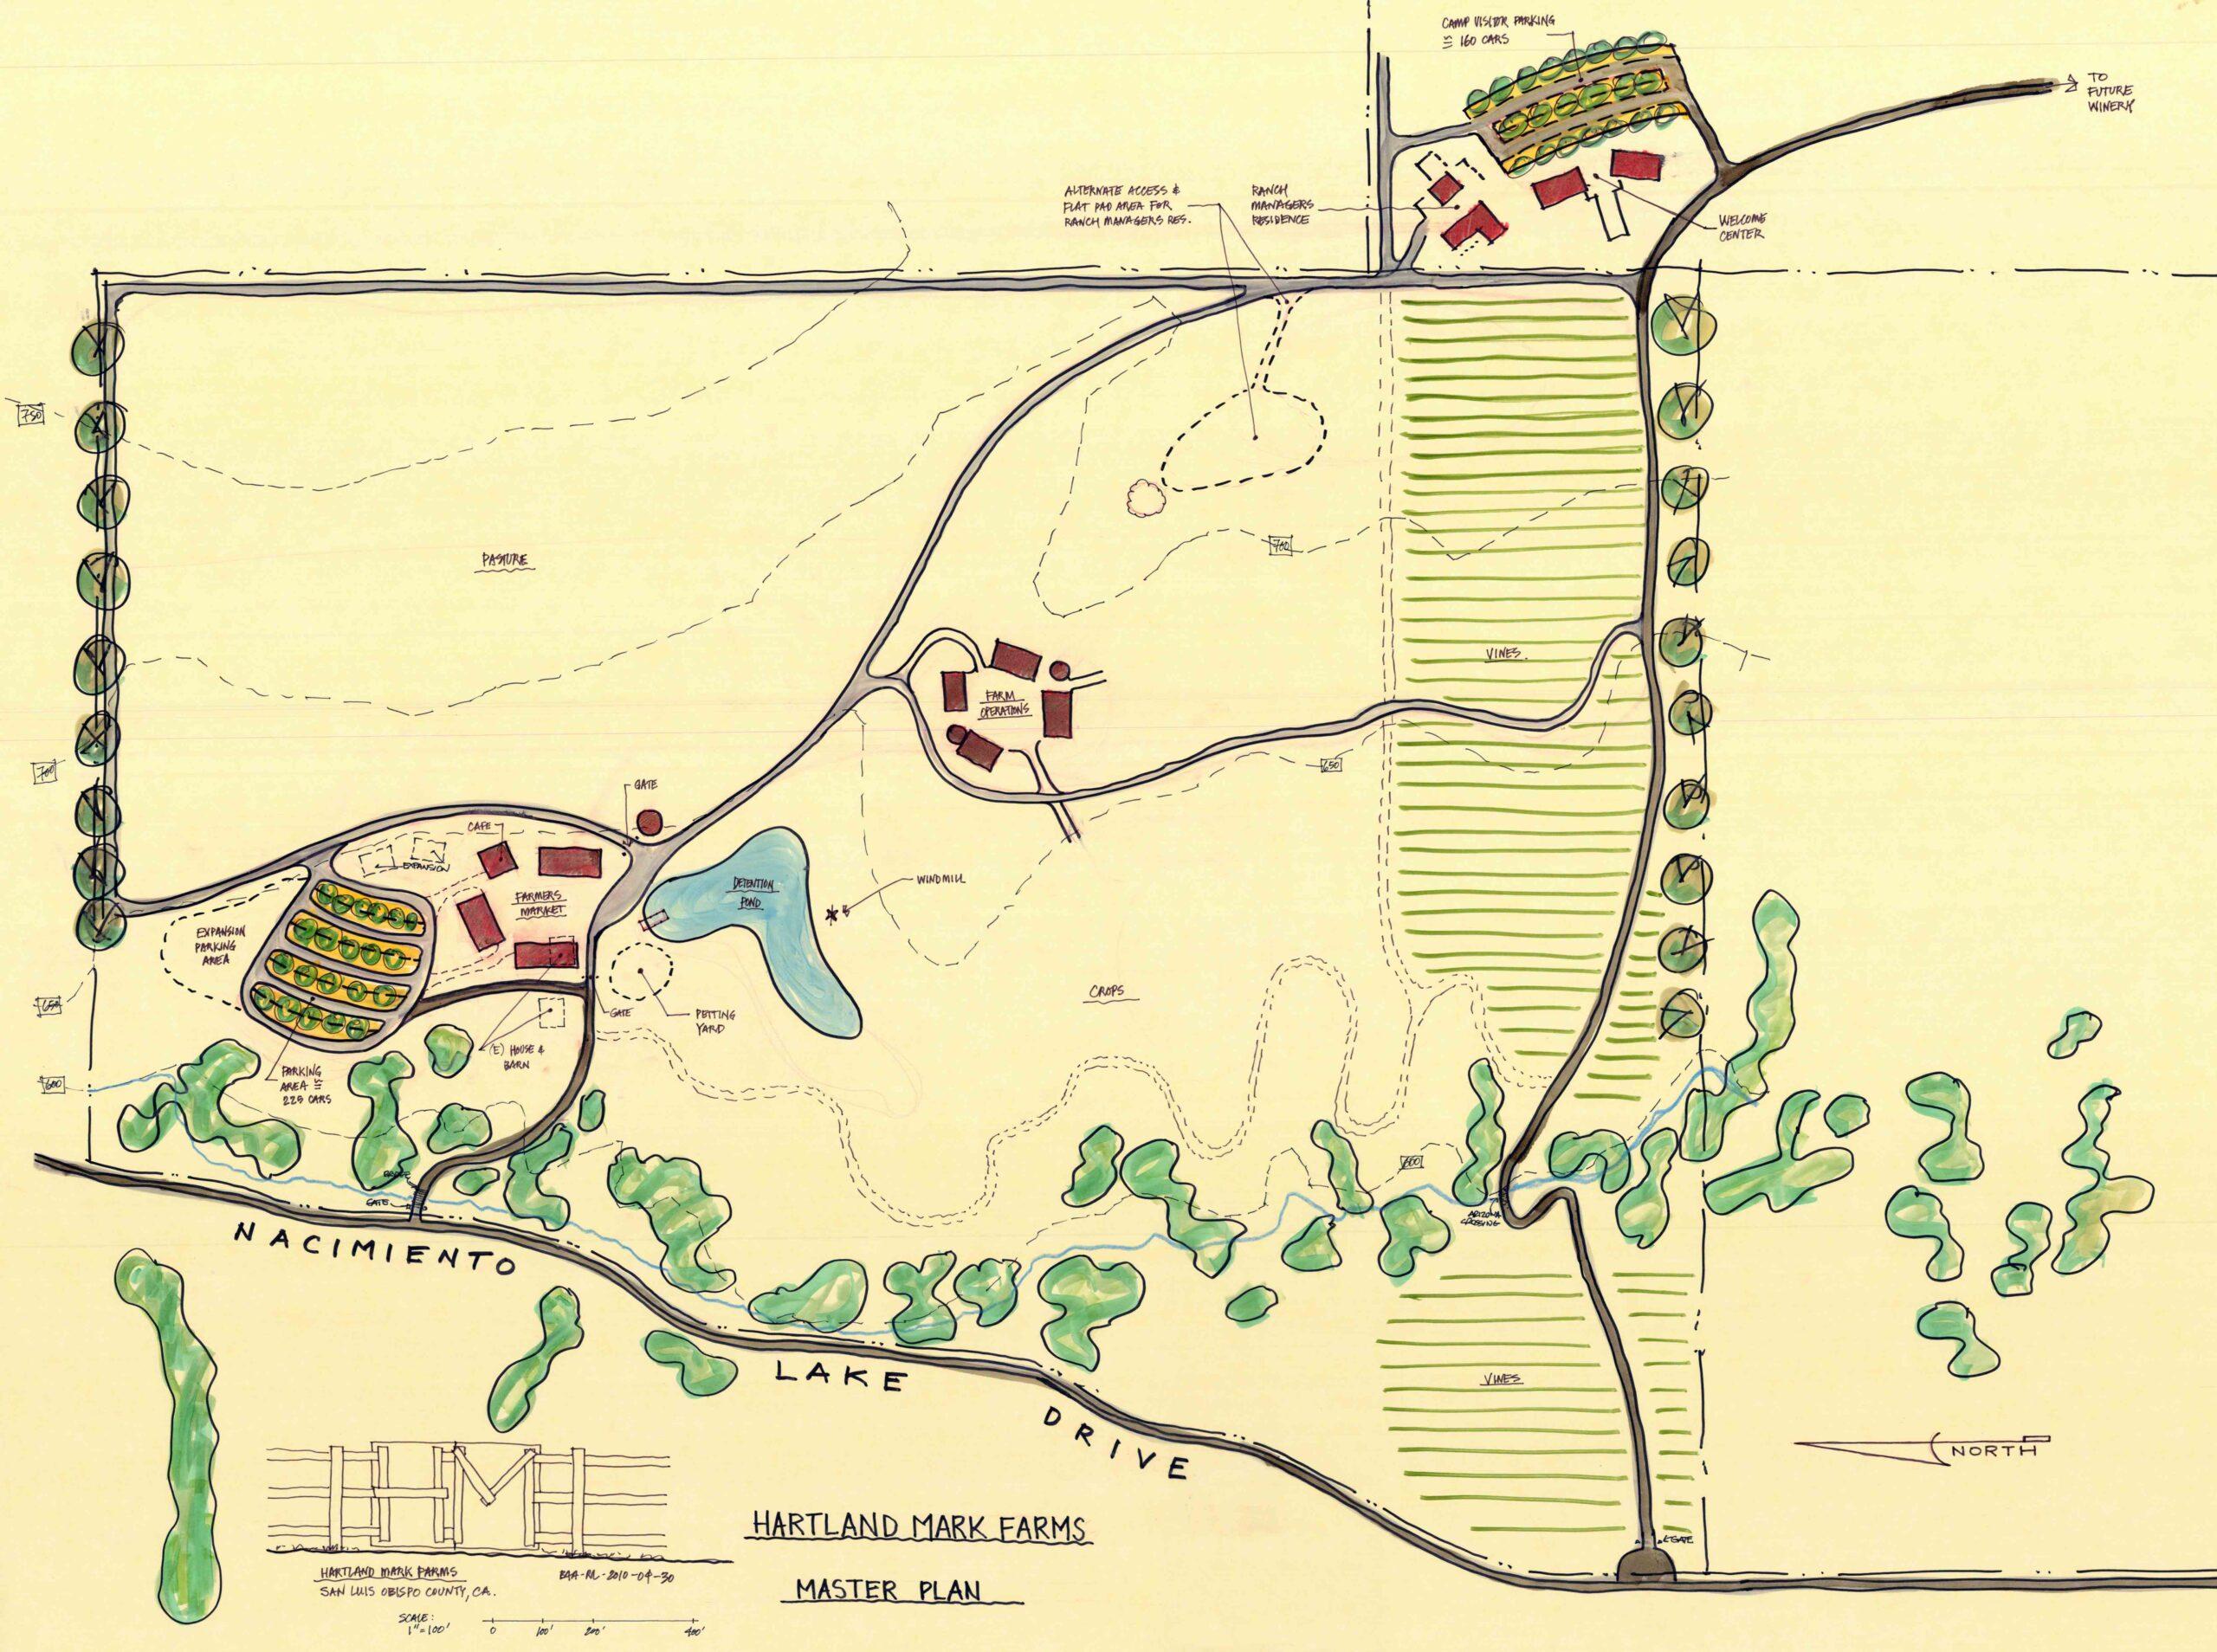 Hartland Mark Farms_Master Plan